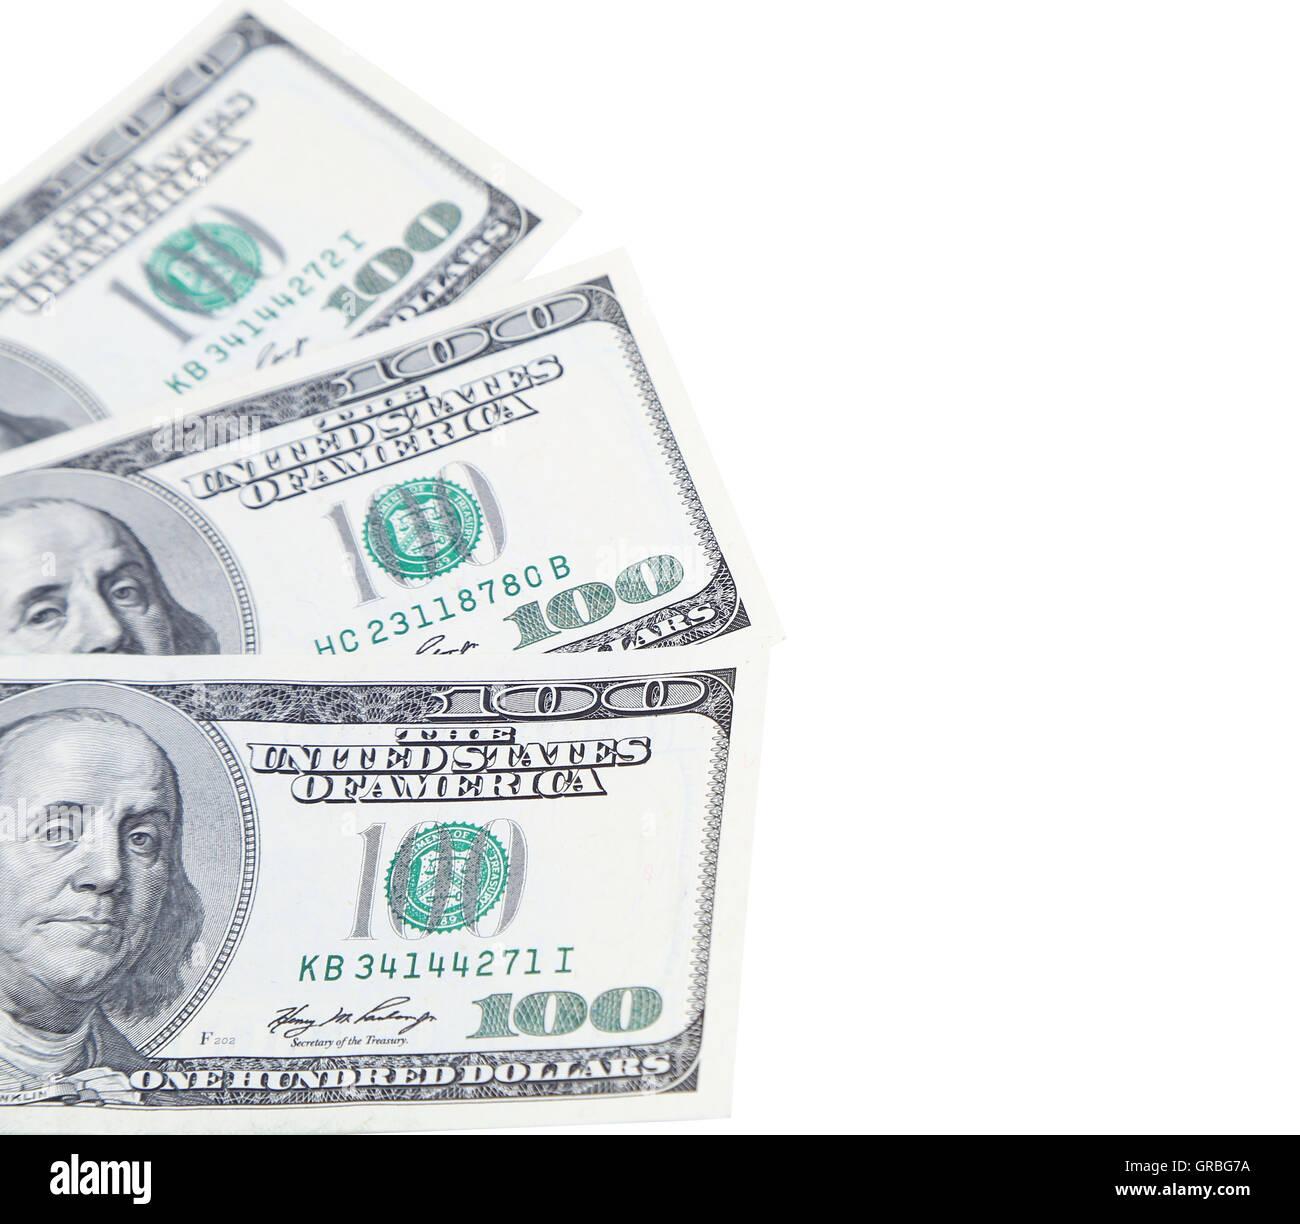 Erfreut 100 Dollar Schein Malvorlagen Fotos - Malvorlagen-Ideen ...